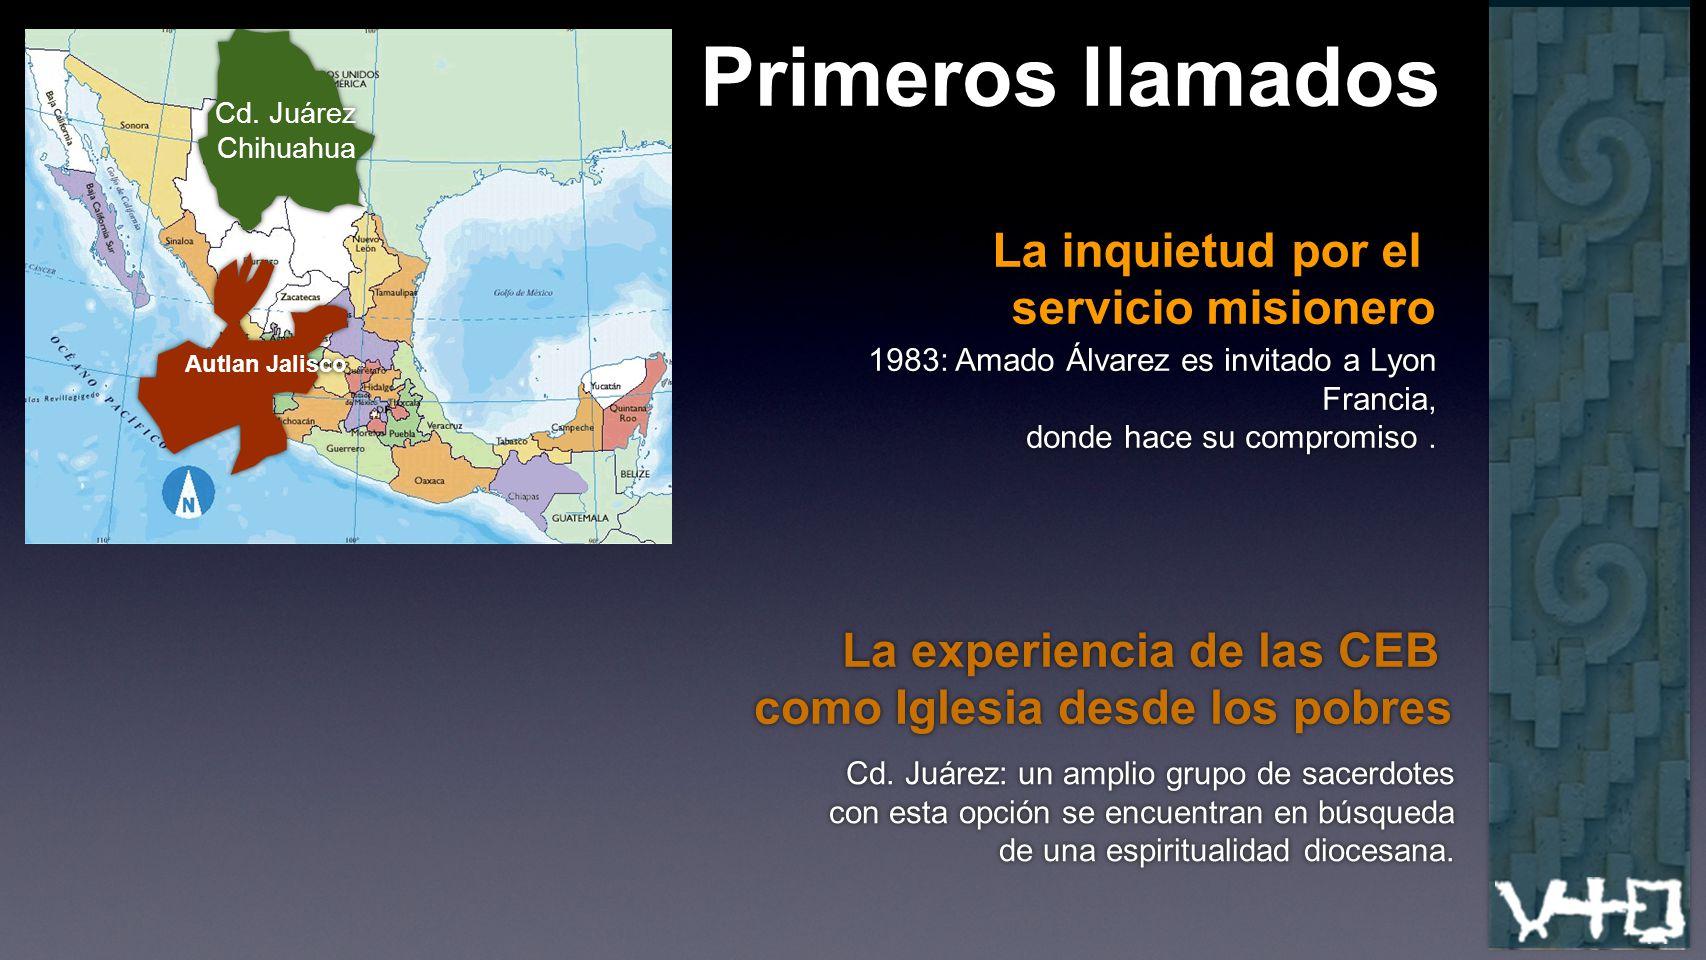 Autlan Jalisco Primeros llamados La inquietud por el servicio misionero La inquietud por el servicio misionero 1983: Amado Álvarez es invitado a Lyon Francia, donde hace su compromiso.